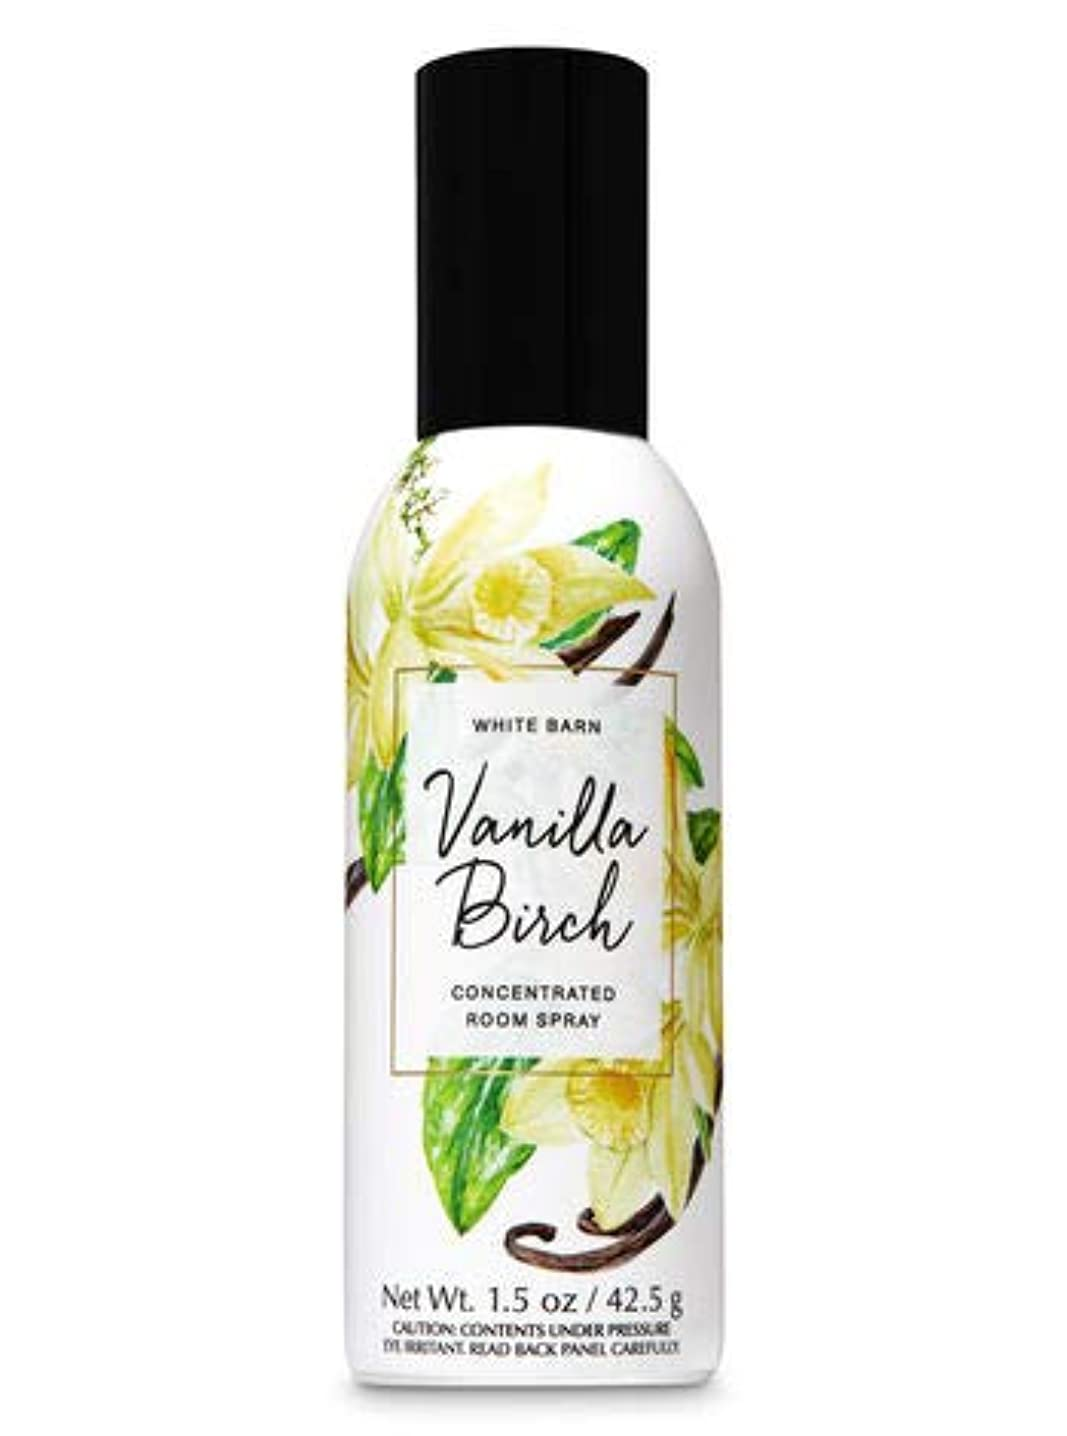 傾向がある知性ブラウン【Bath&Body Works/バス&ボディワークス】 ルームスプレー バニラバーチ 1.5 oz. Concentrated Room Spray/Room Perfume Vanilla Birch [並行輸入品]